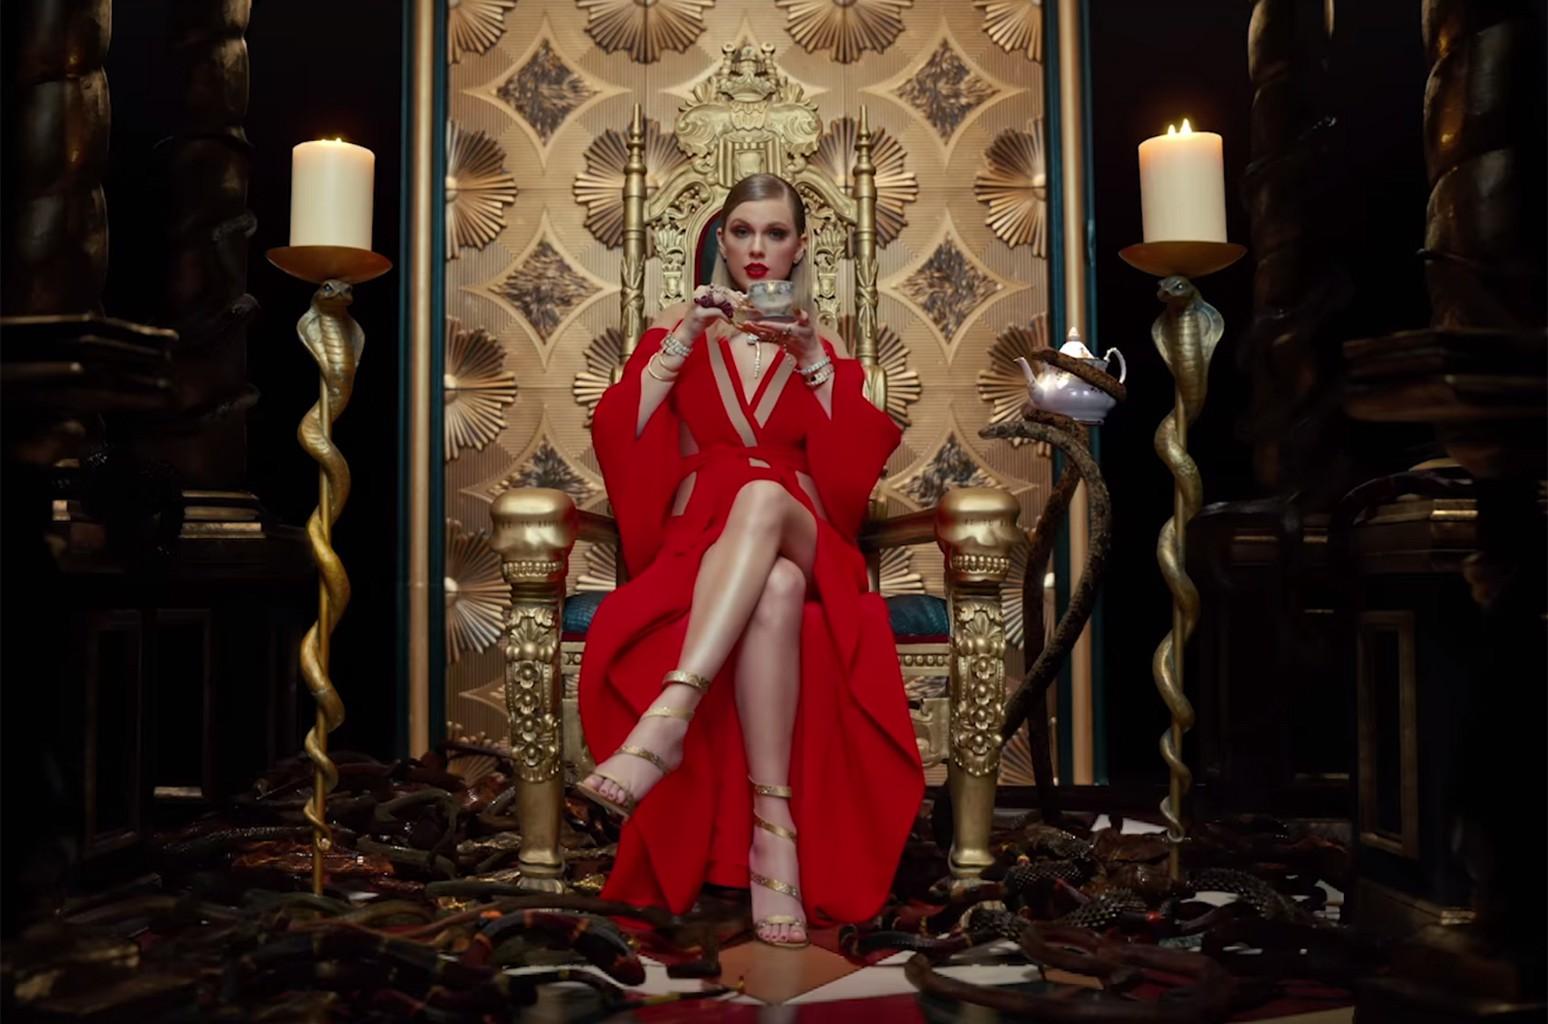 Liên tục lên sân khấu với trang phục vừa lôi thôi vừa dìm dáng, chuyện gì đã xảy ra với Taylor Swift luôn đẹp vậy? - Ảnh 1.